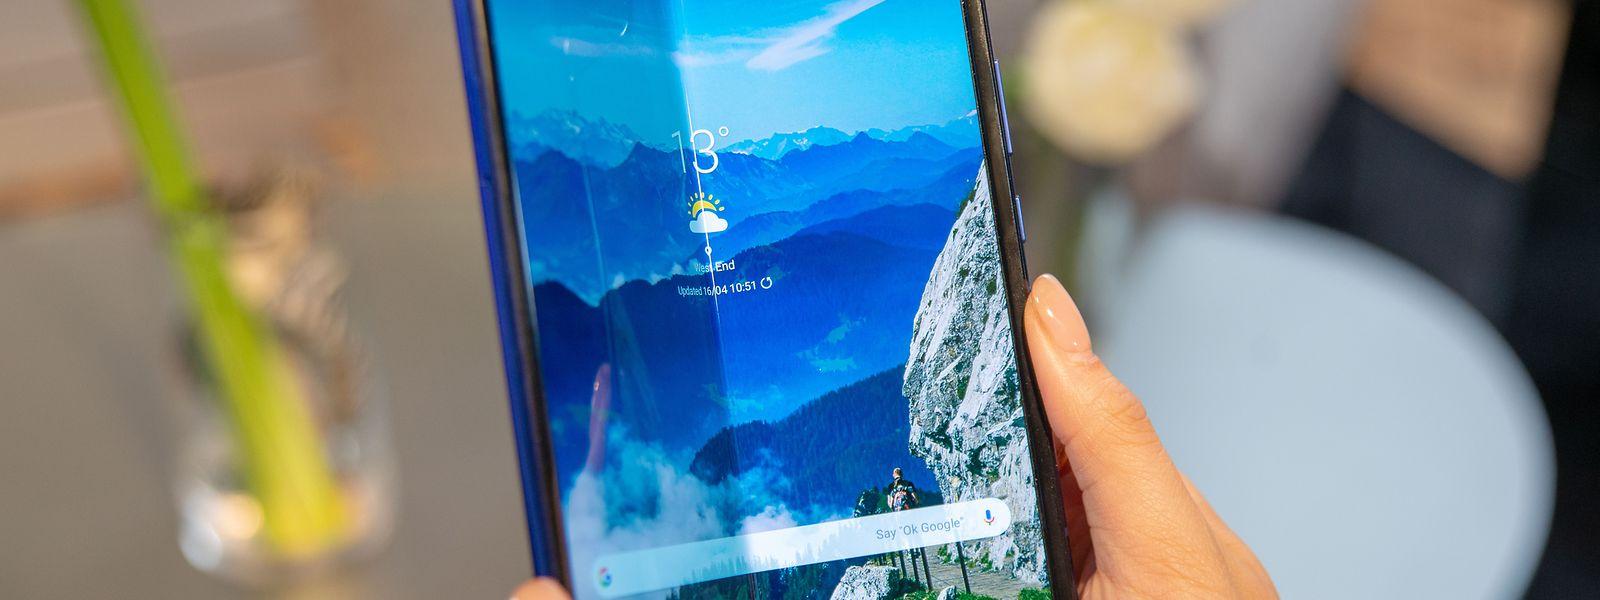 Samsung hat die Markteinführung des ersten Smartphones mit Falt-Display wenige Tage vor dem geplanten Termin verschoben.